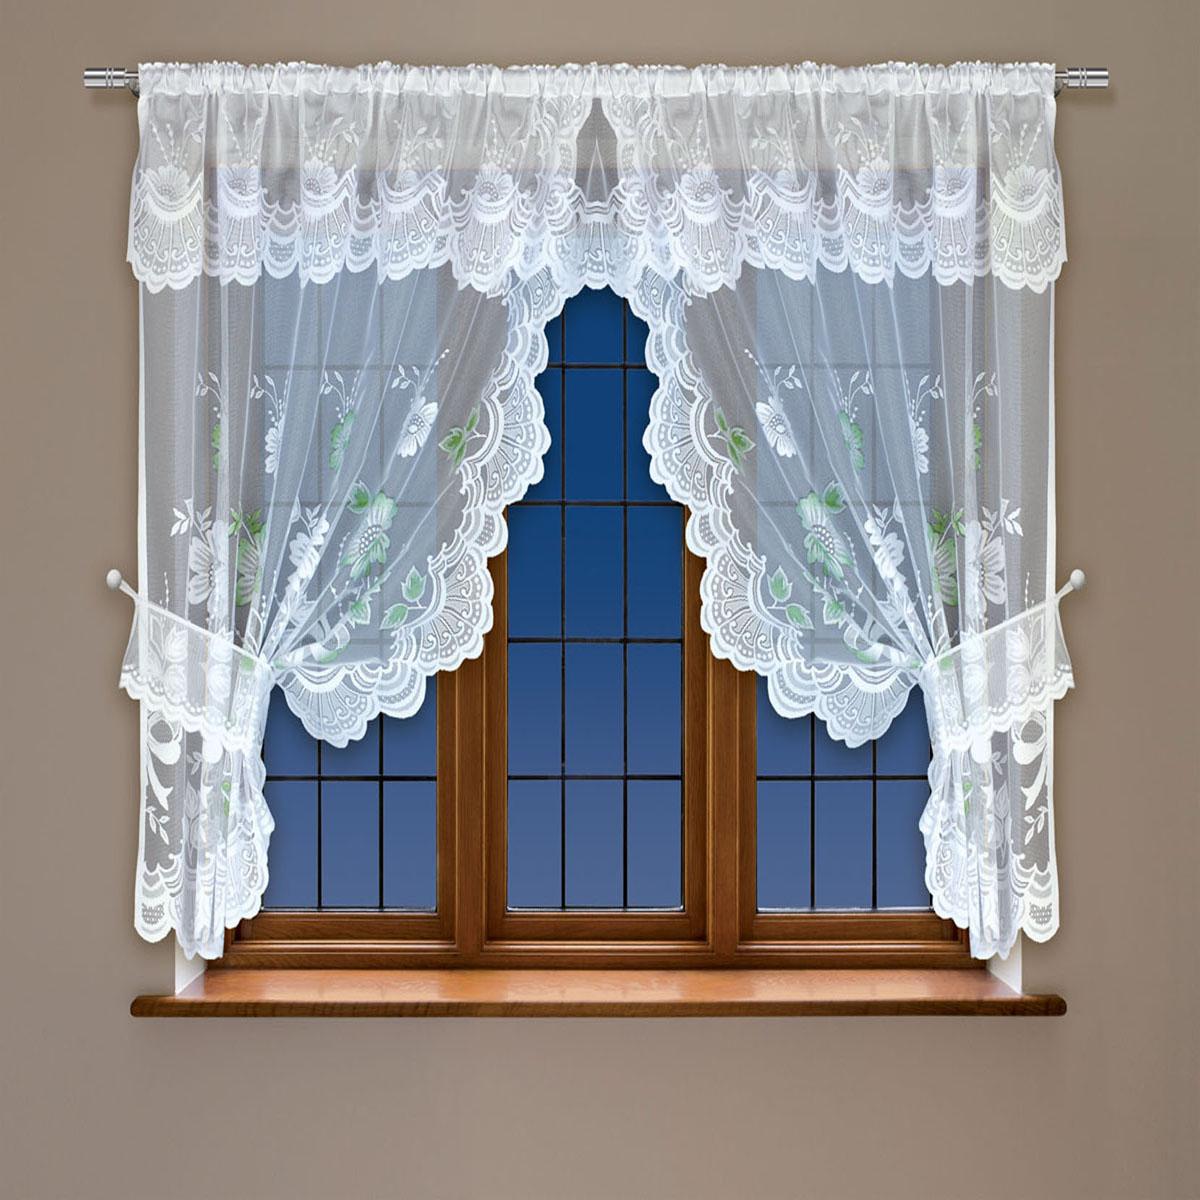 Гардина Haft, на кулиске, цвет: белый, высота 122 см. 202561202561/122белыйВоздушная гардина Haft, выполненная из полиэстера, великолепно украсит любое окно.Изделие имеет оригинальный дизайн и органично впишется в интерьер помещения.Гардина крепится на карниз при помощи кулиски.